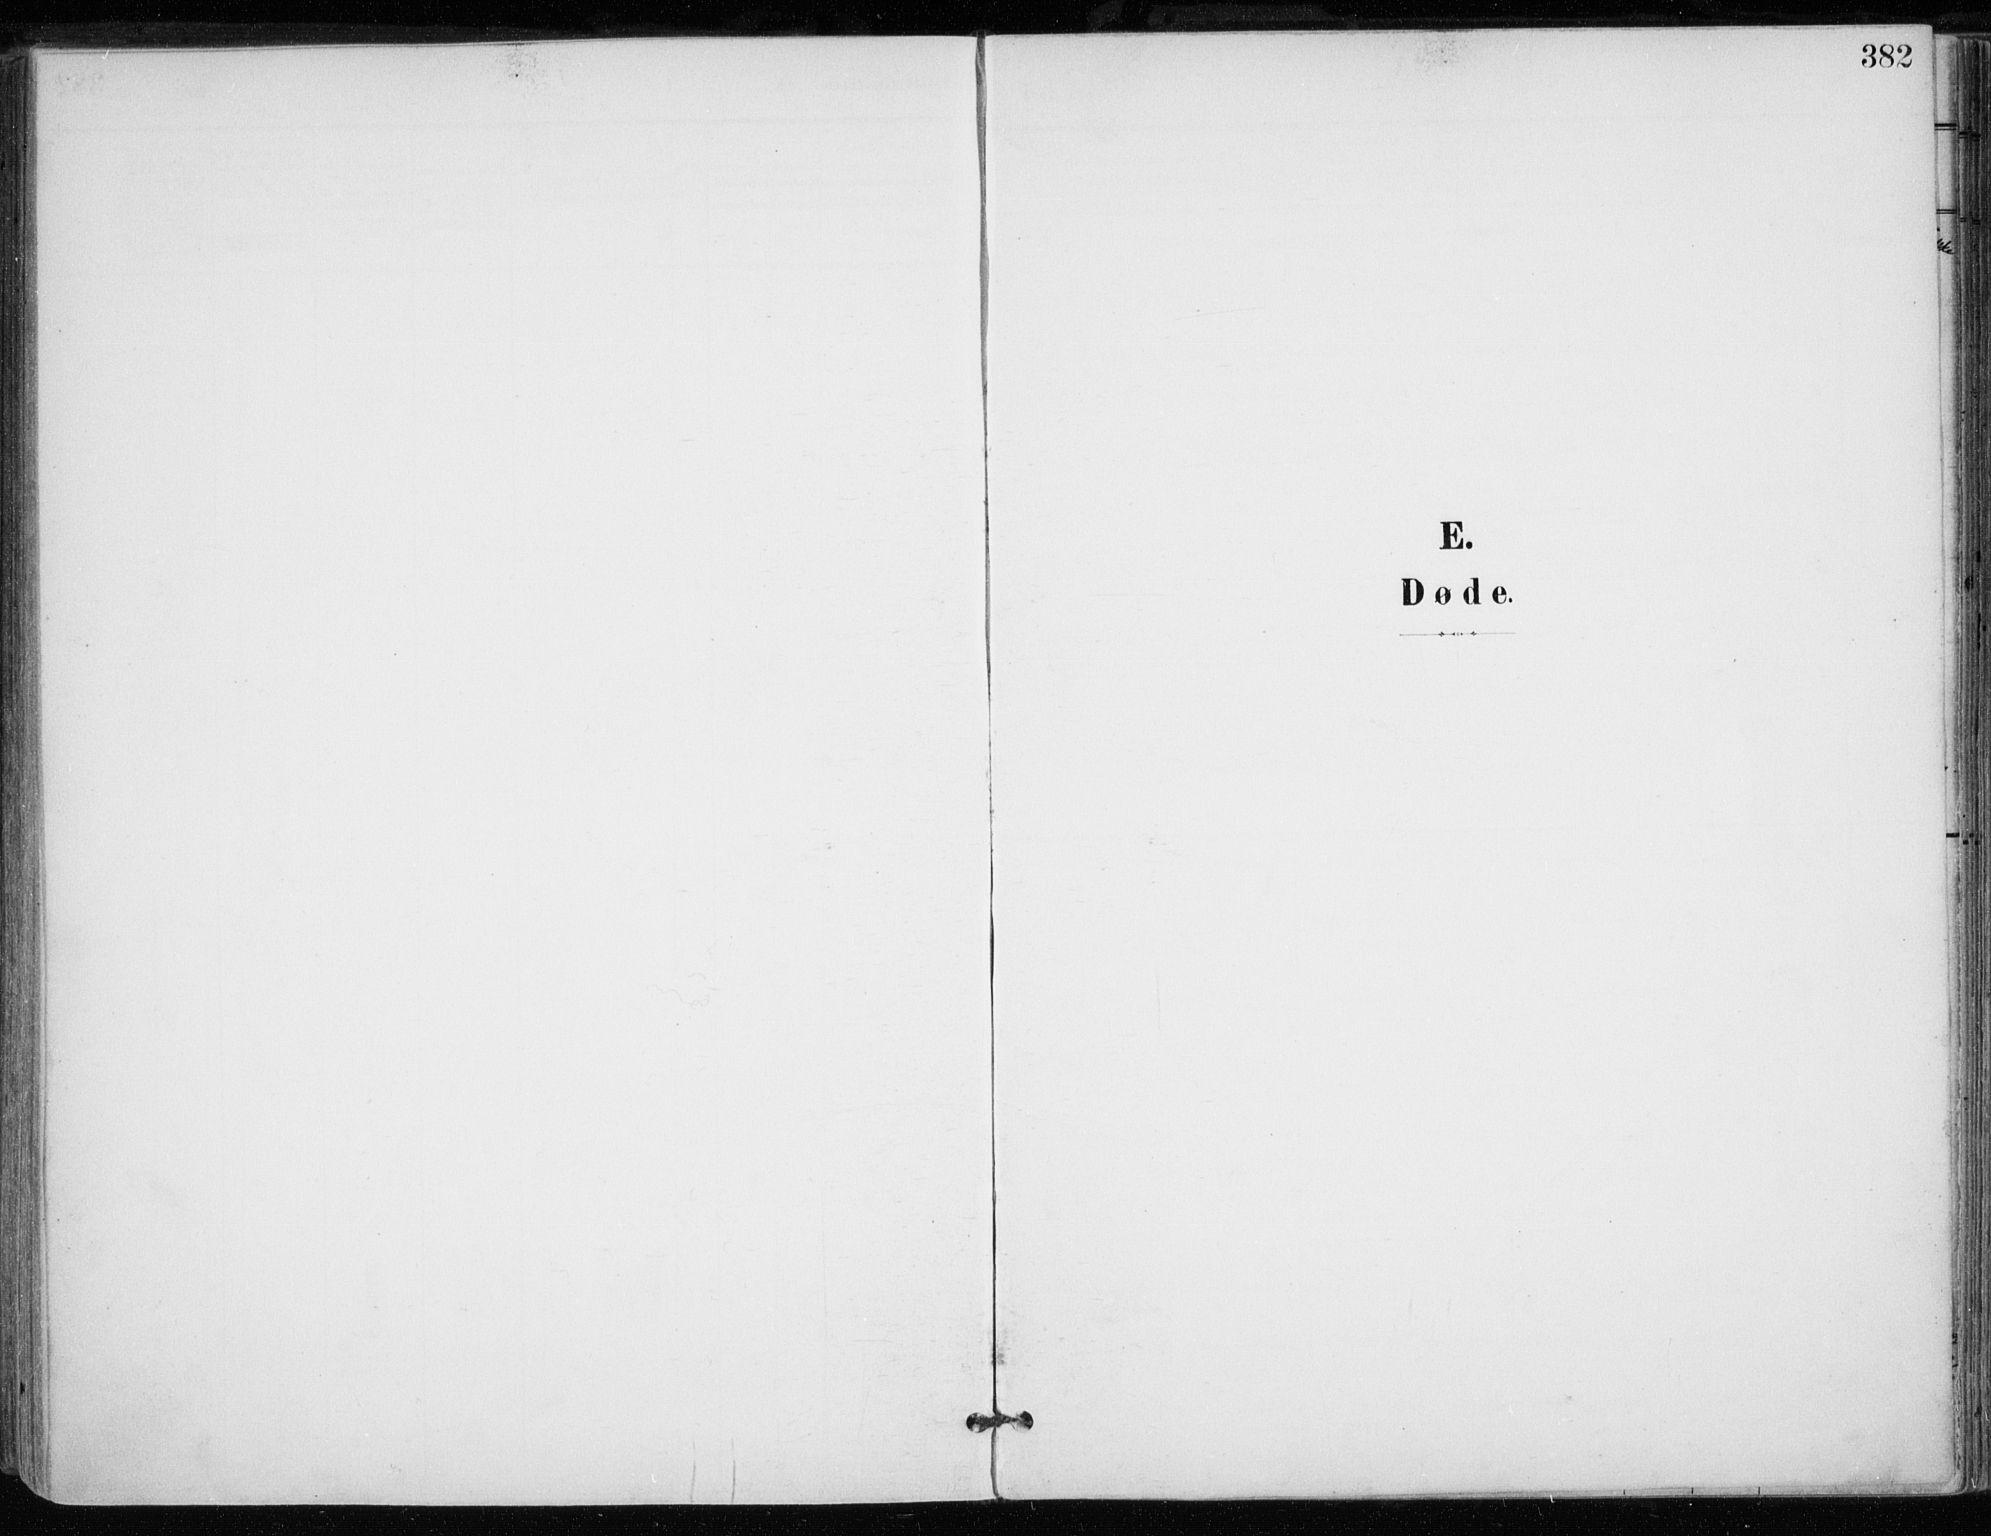 SATØ, Trondenes sokneprestkontor, H/Ha/L0017kirke: Ministerialbok nr. 17, 1899-1908, s. 382